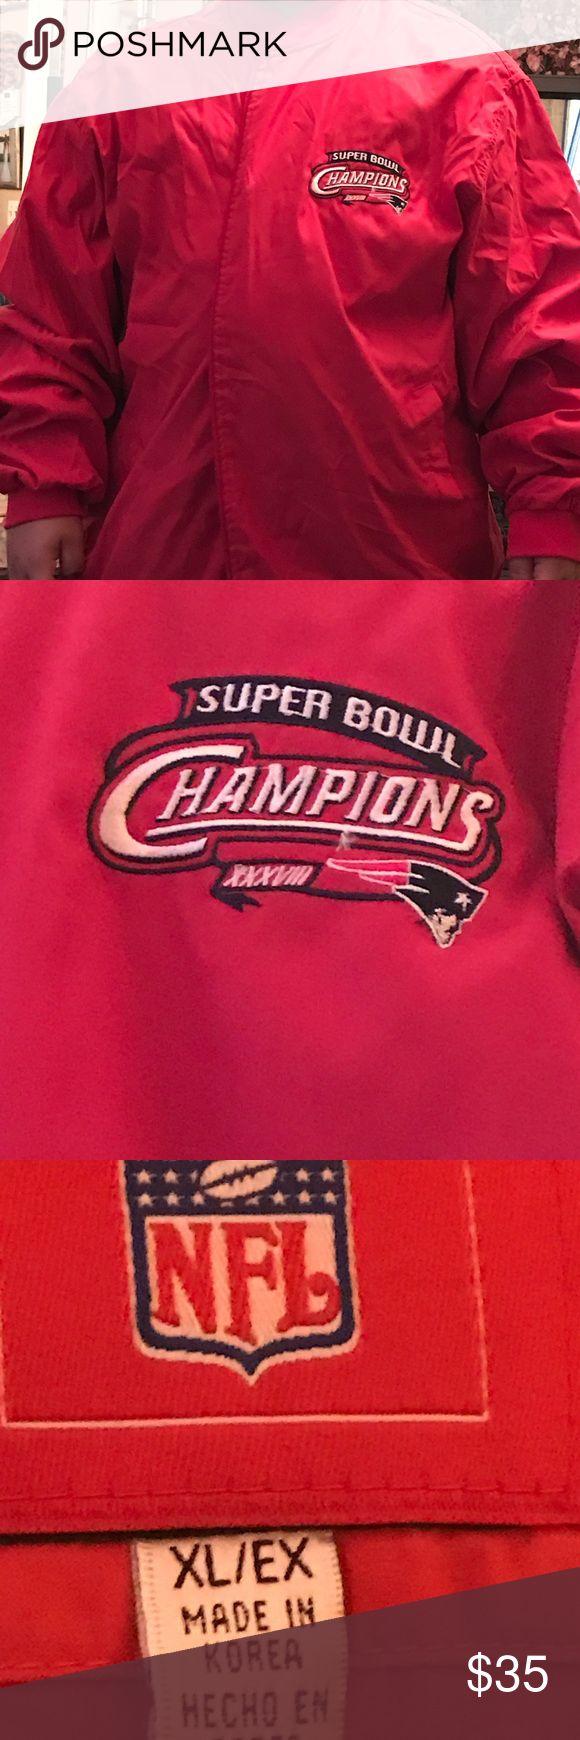 NFL New England Patriots SB XXXVIII Jacket st XL NFL New England PATRIOTS Super Bowl XXXVIII red jacket Size XL. Collectors item for sure NFL Reebok Jackets & Coats Lightweight & Shirt Jackets